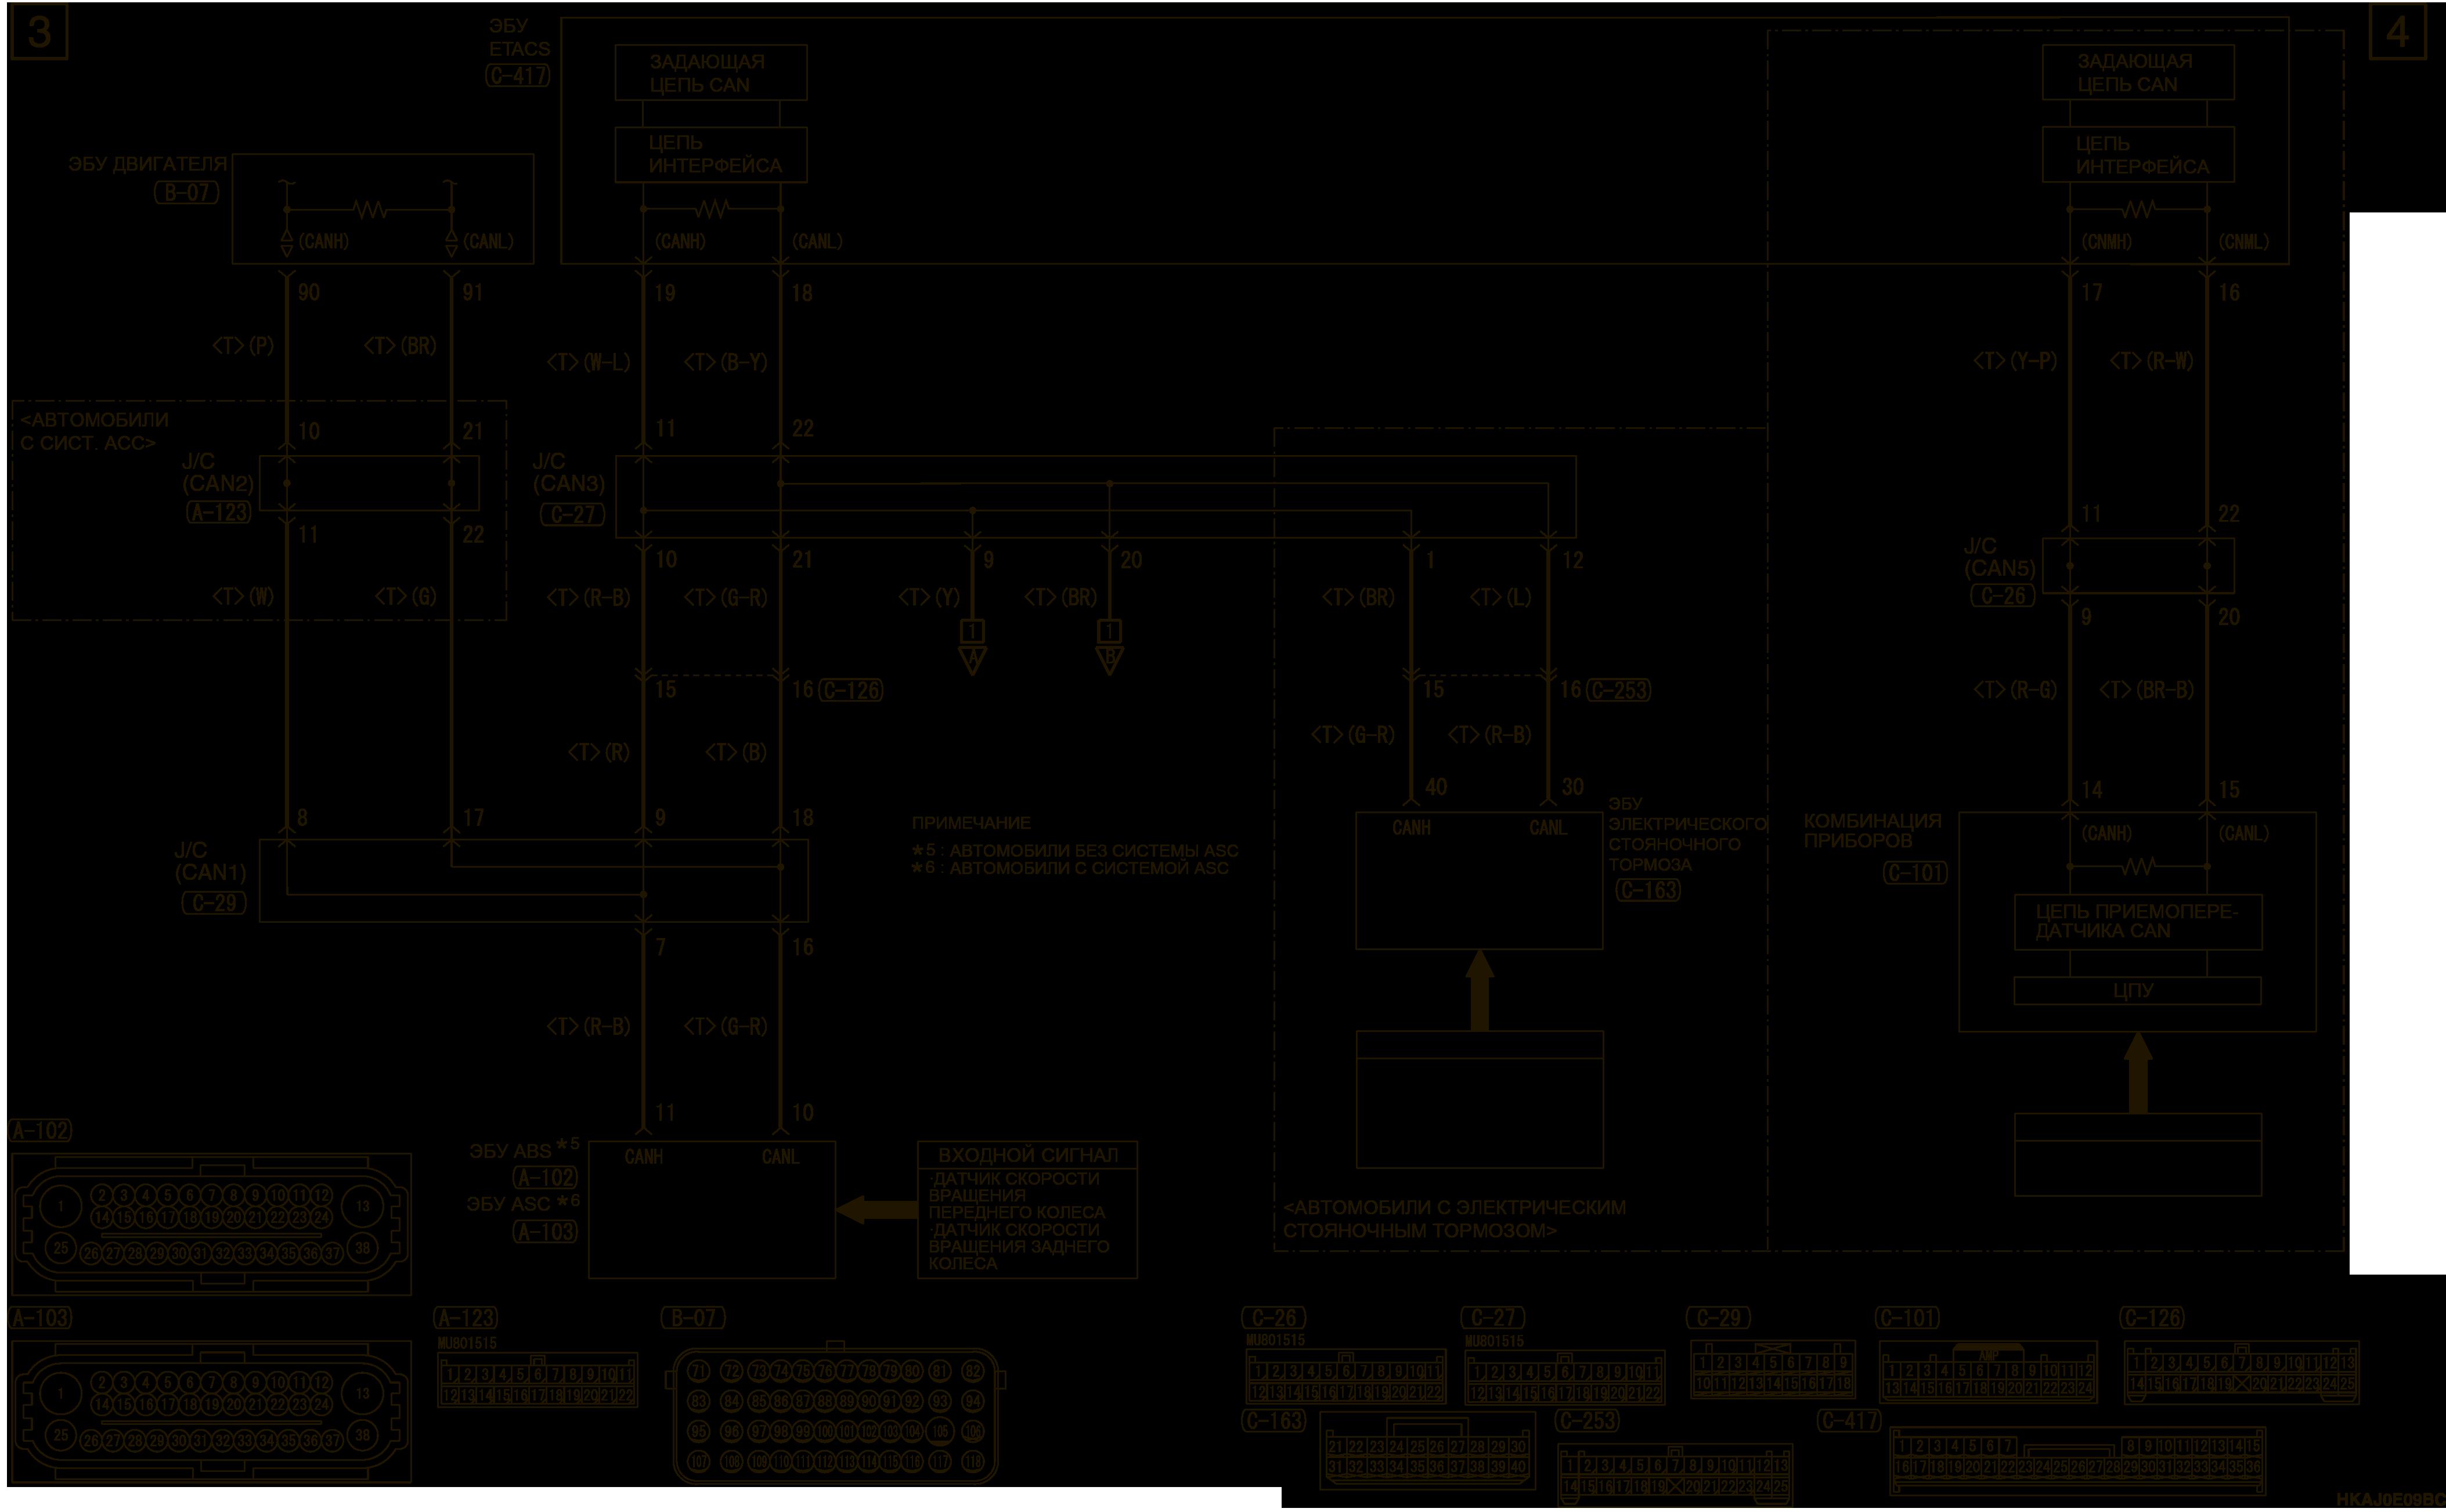 mmc аутлендер 3 2019 электросхемаДНЕВНЫЕ ХОДОВЫЕ ОГНИ (DRL) ЛЕВОСТОРОННЕЕ УПРАВЛЕНИЕ